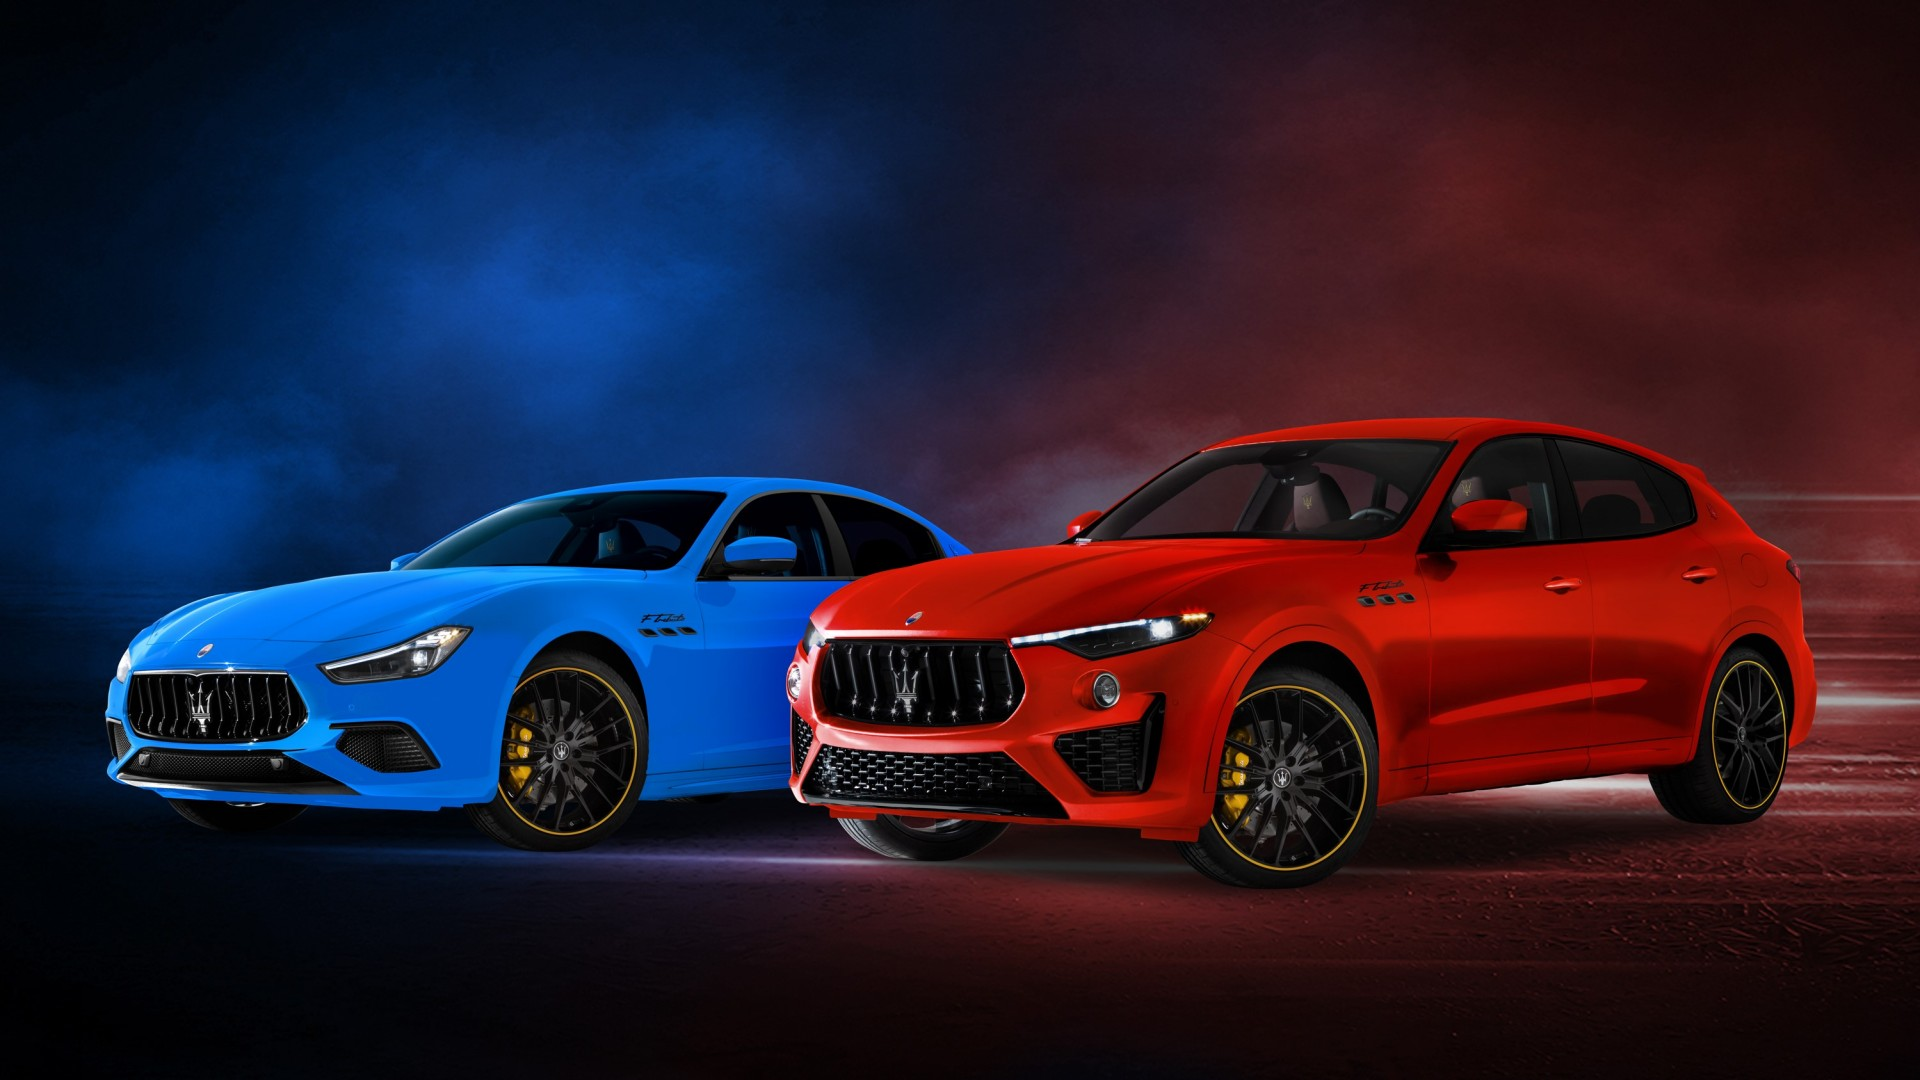 La oferta F Tributo de Maserati conmemora 95 años de historia en competición